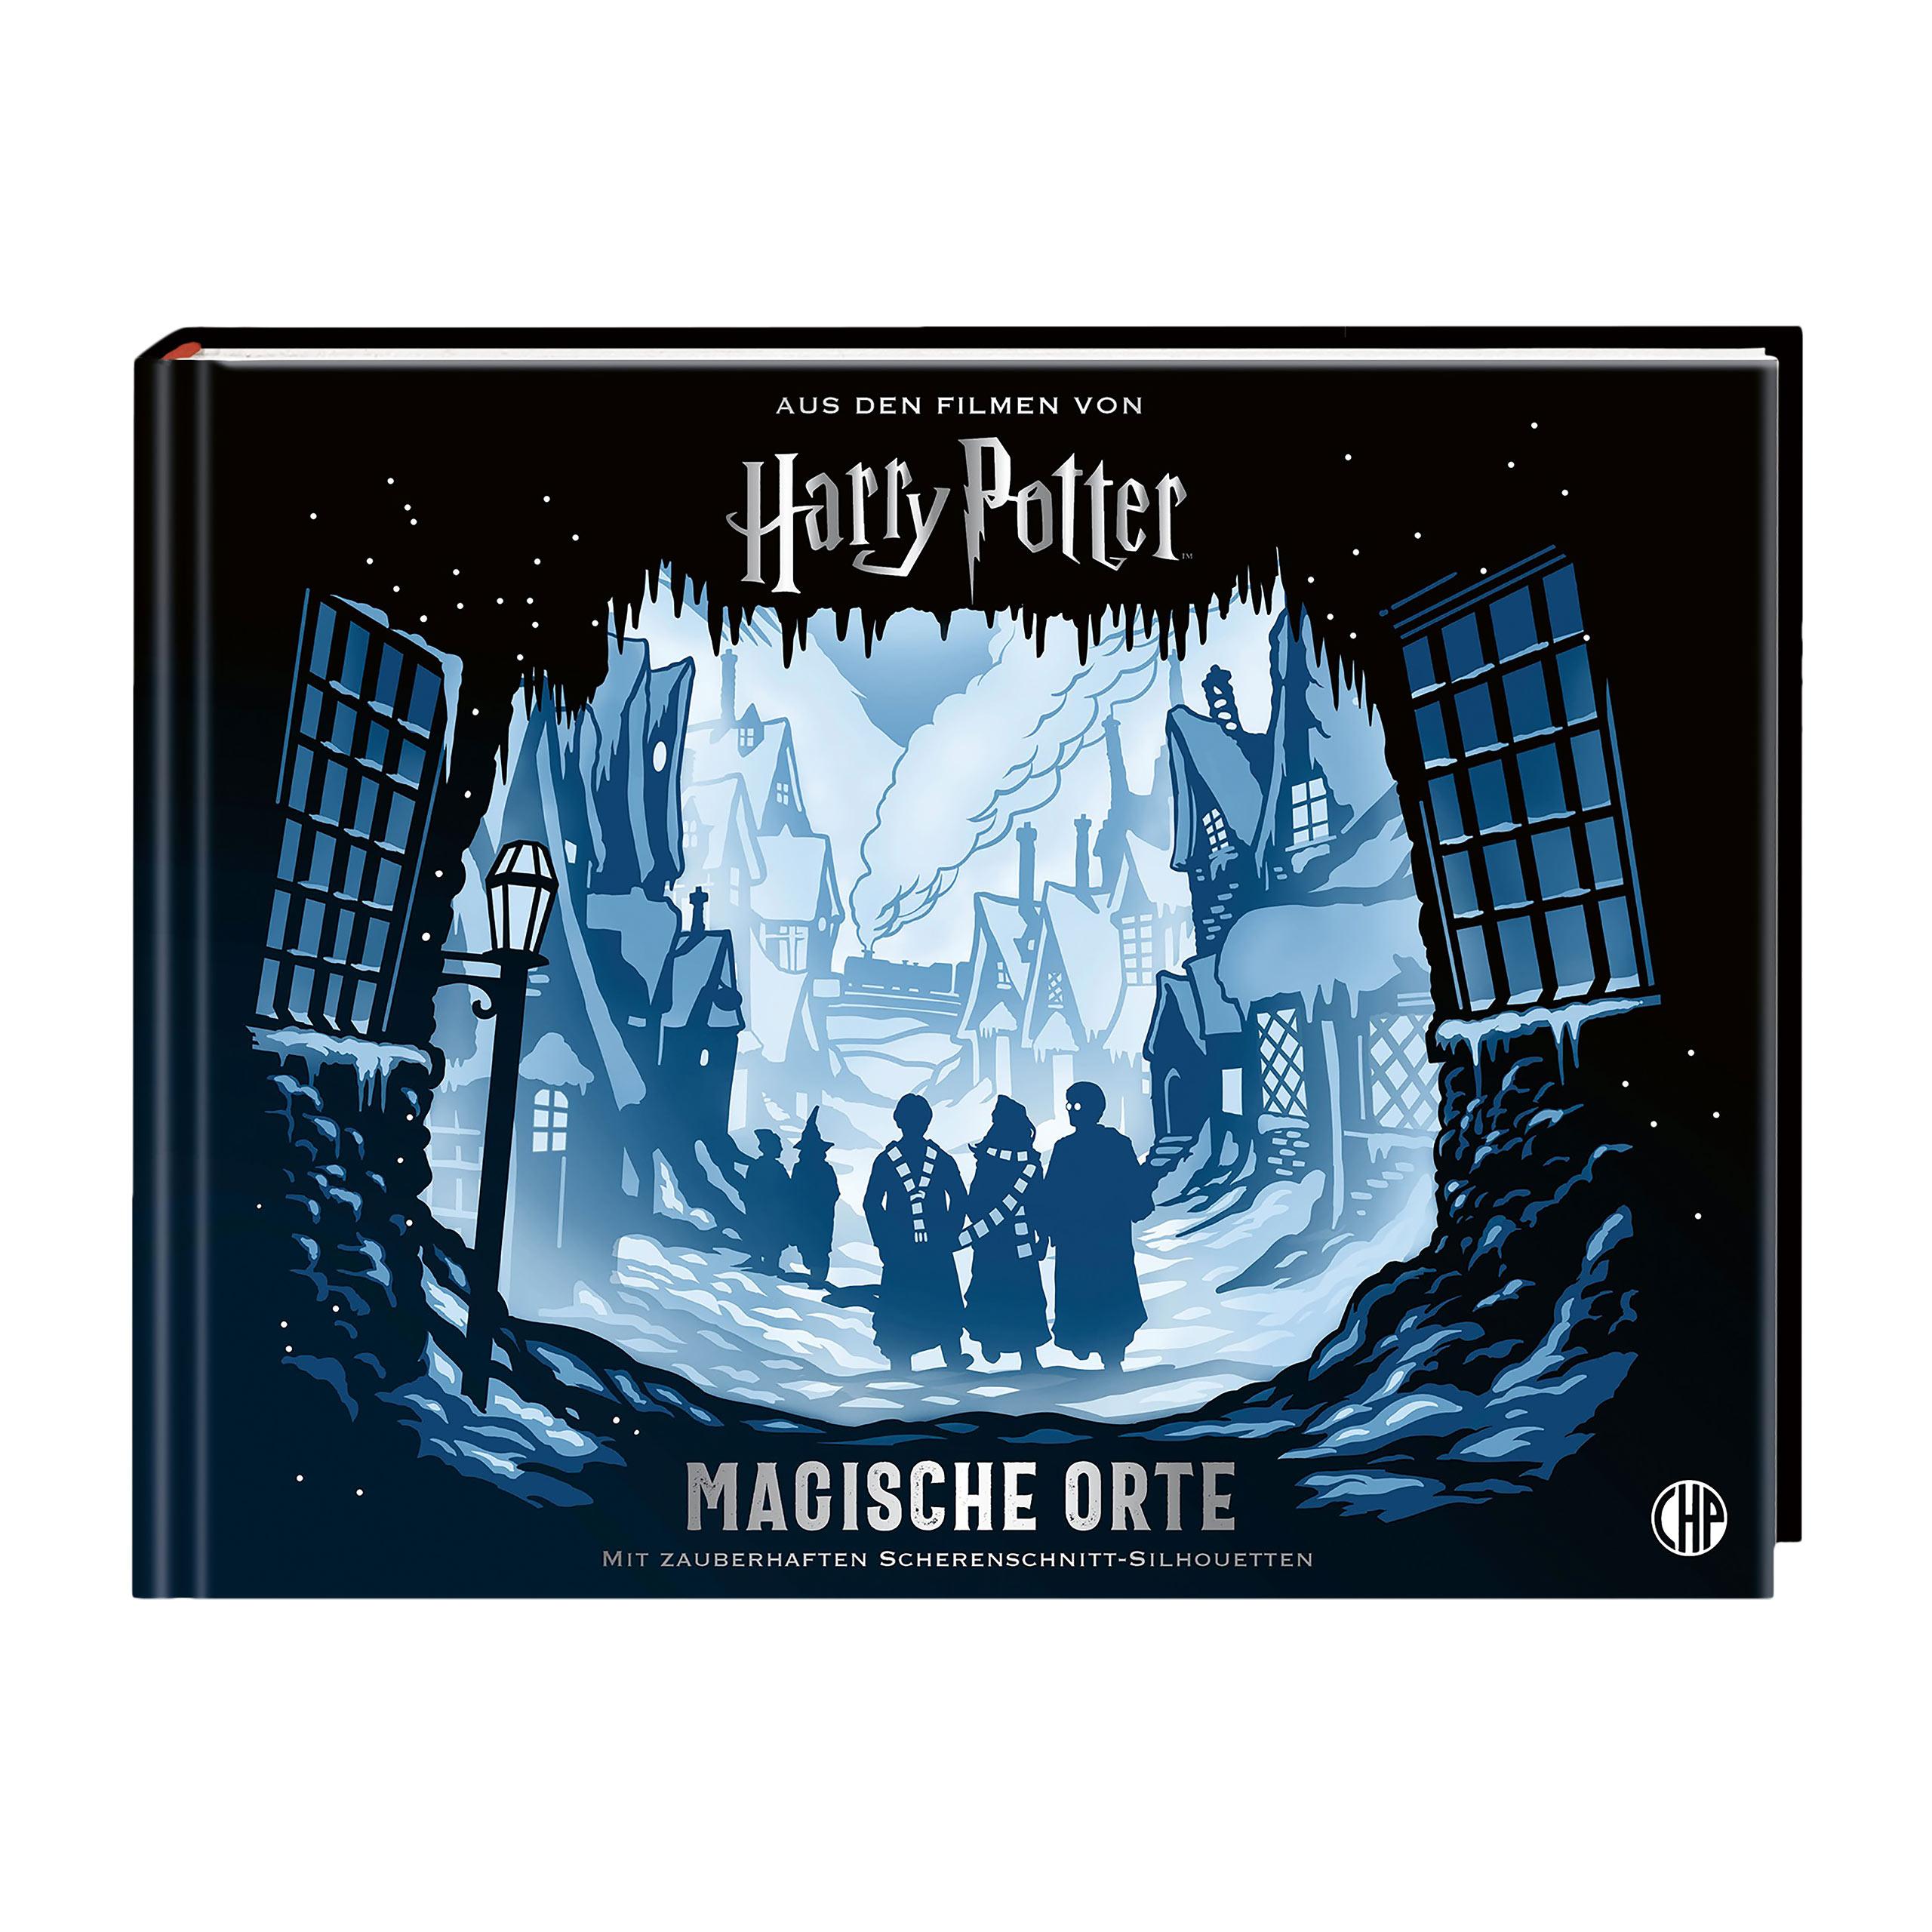 Harry Potter - Magische Orte in Scherenschnitt